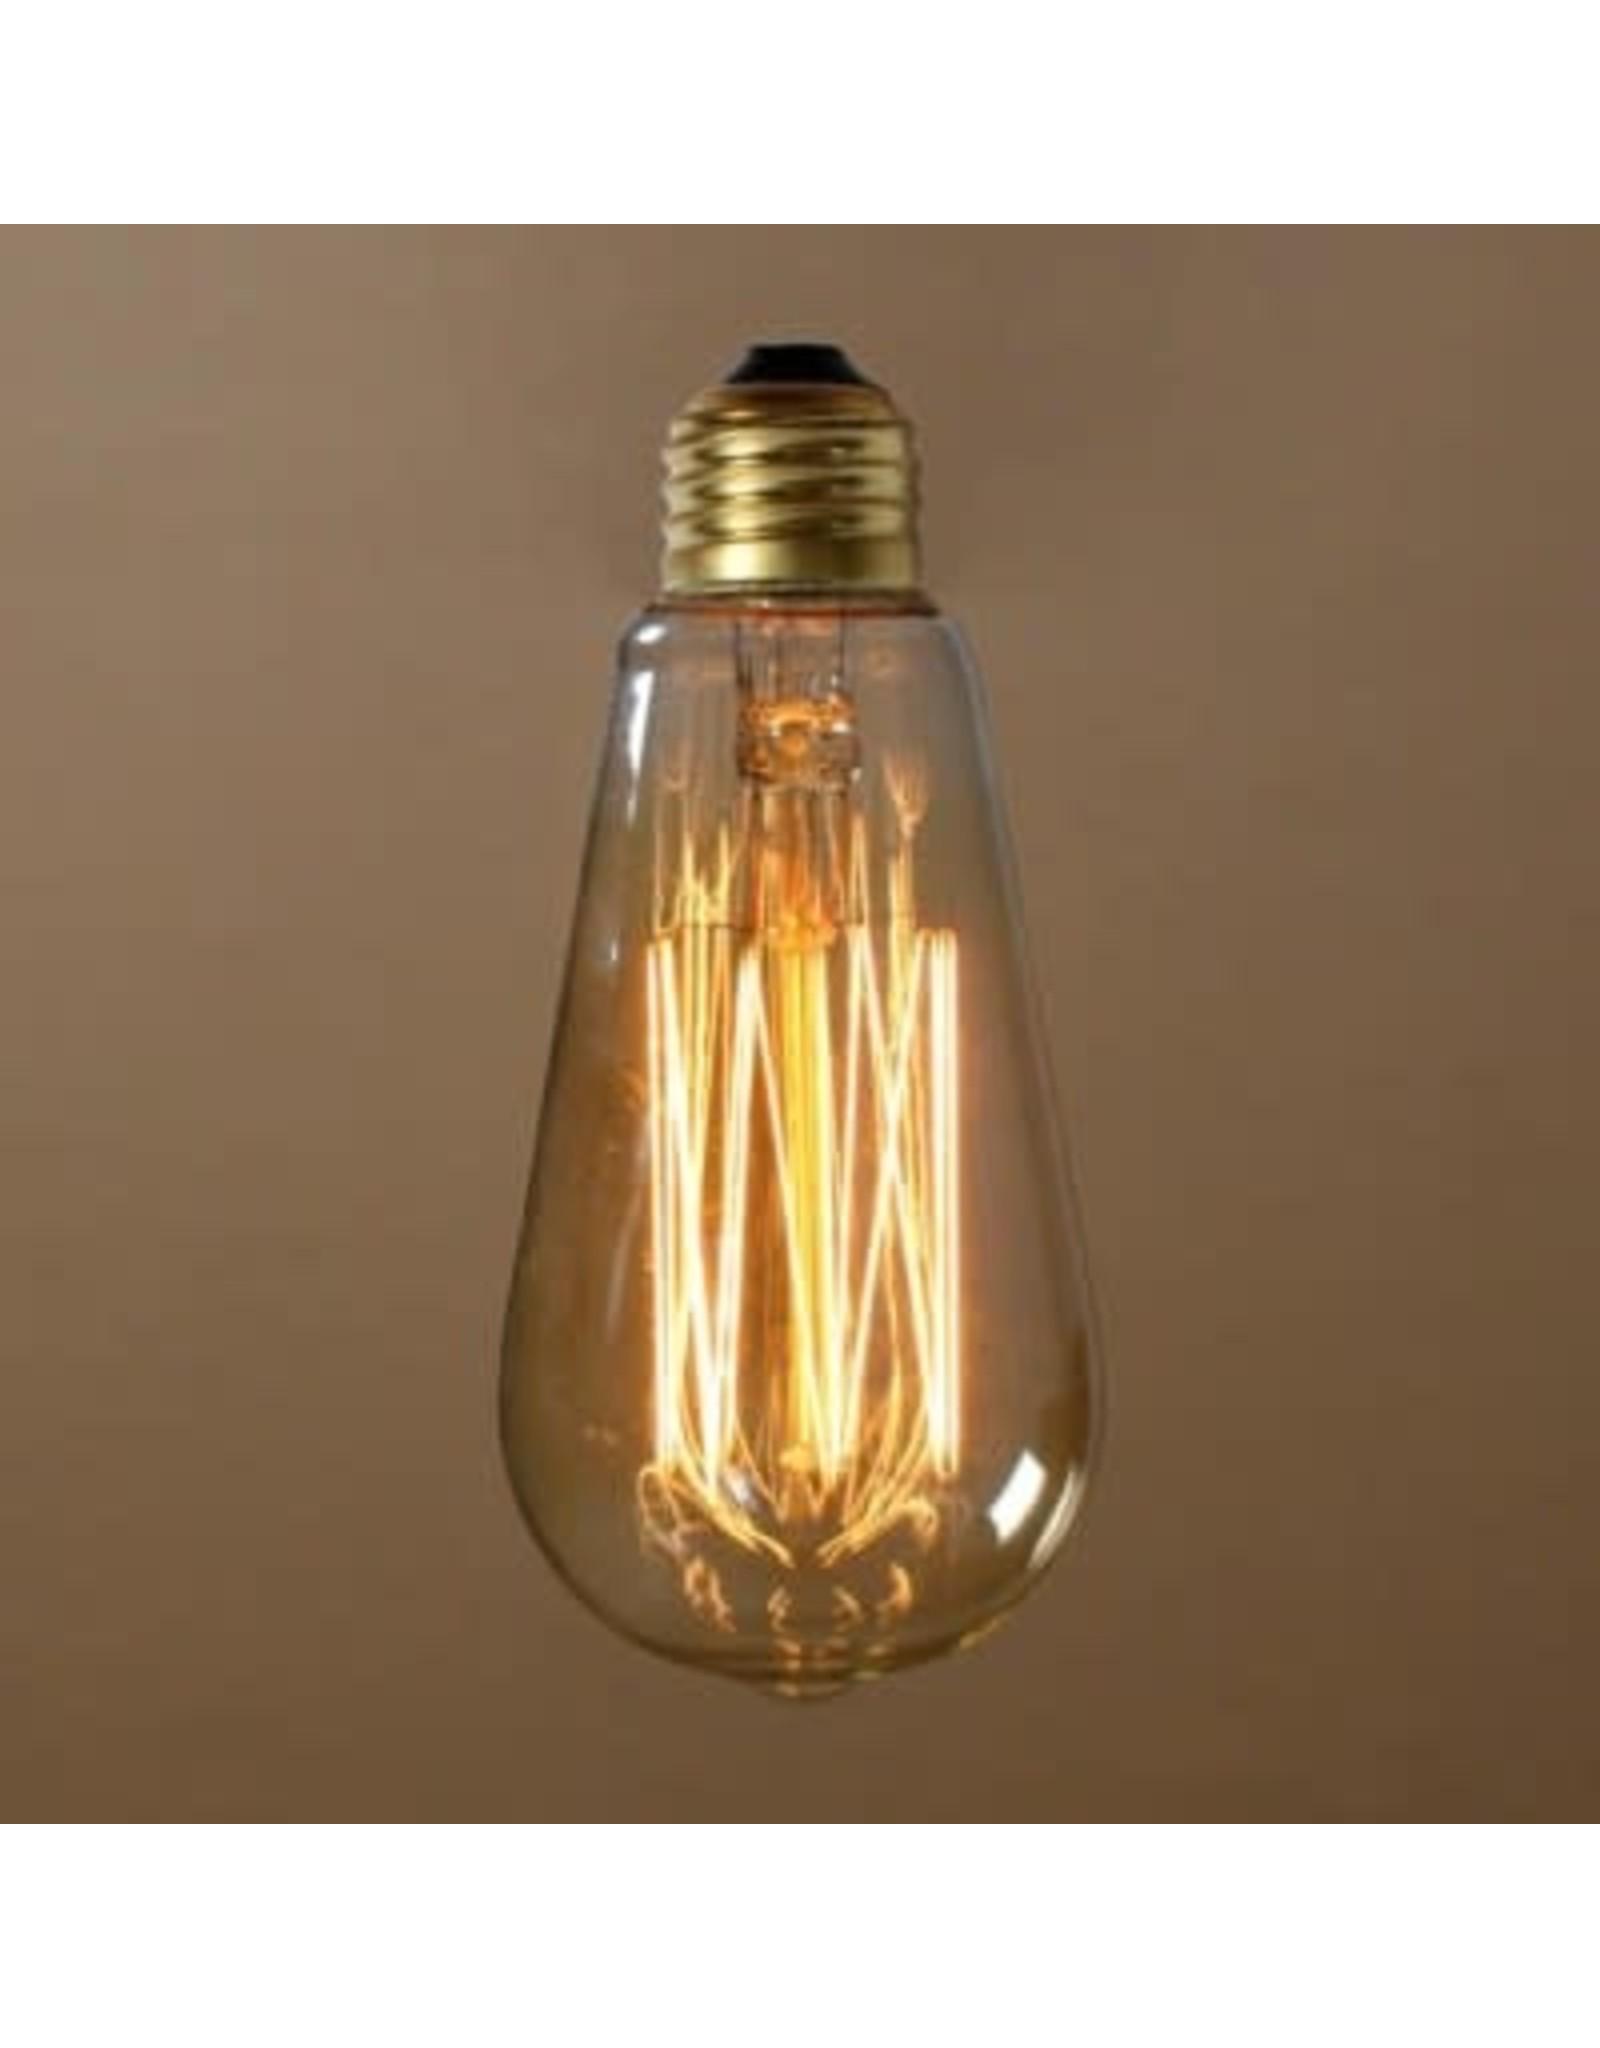 Ampoule vintage claire 40 watt A-21 E26